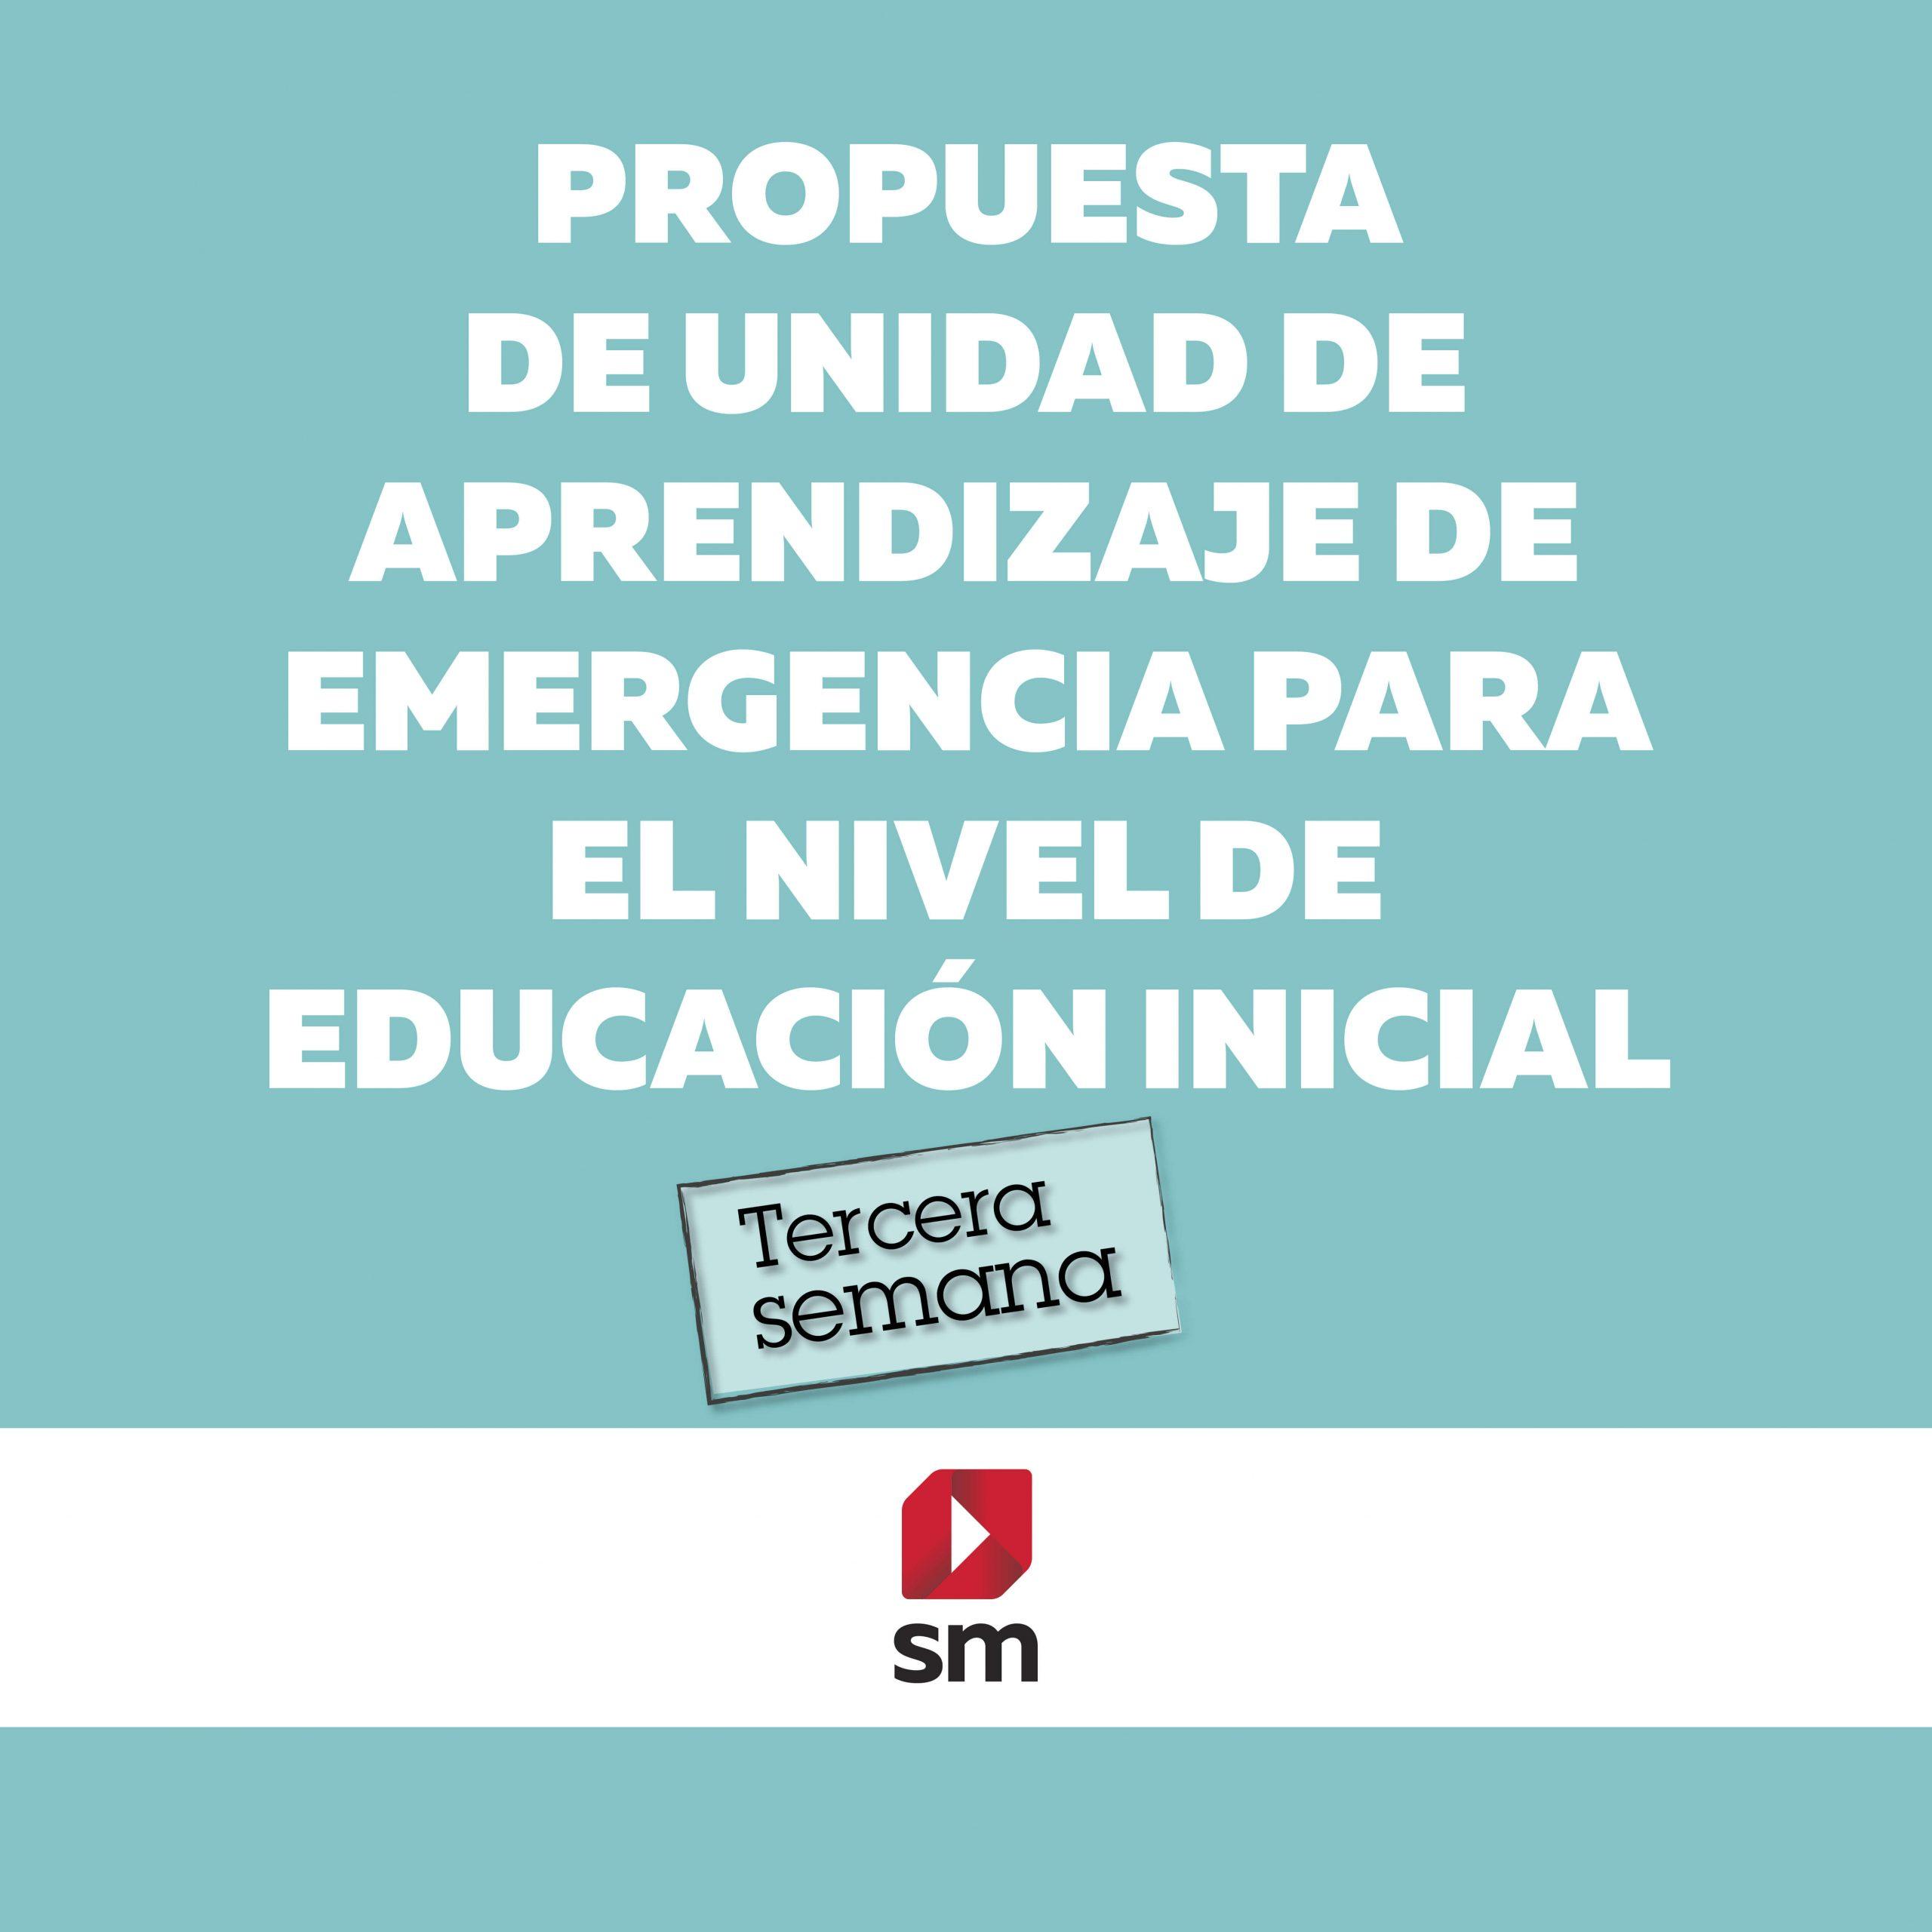 Propuesta de unidad de aprendizaje de emergencia para el nivel de educación inicial – tercera semana